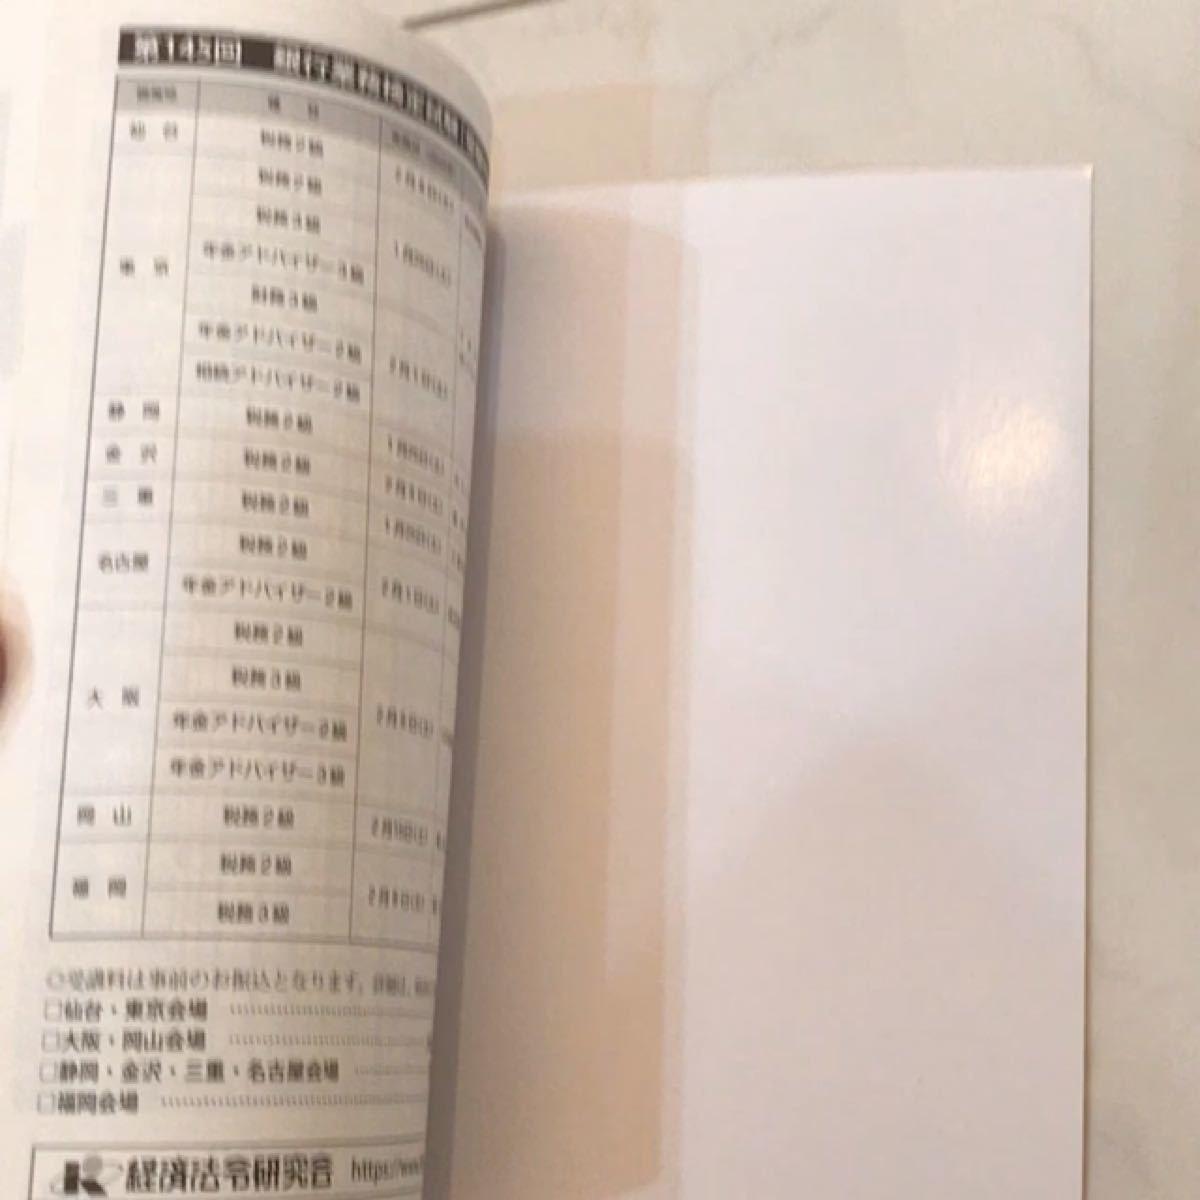 銀行業務検定試験 税務2級問題解説集 (20年3月受験用) 銀行業務検定協会 (編者)